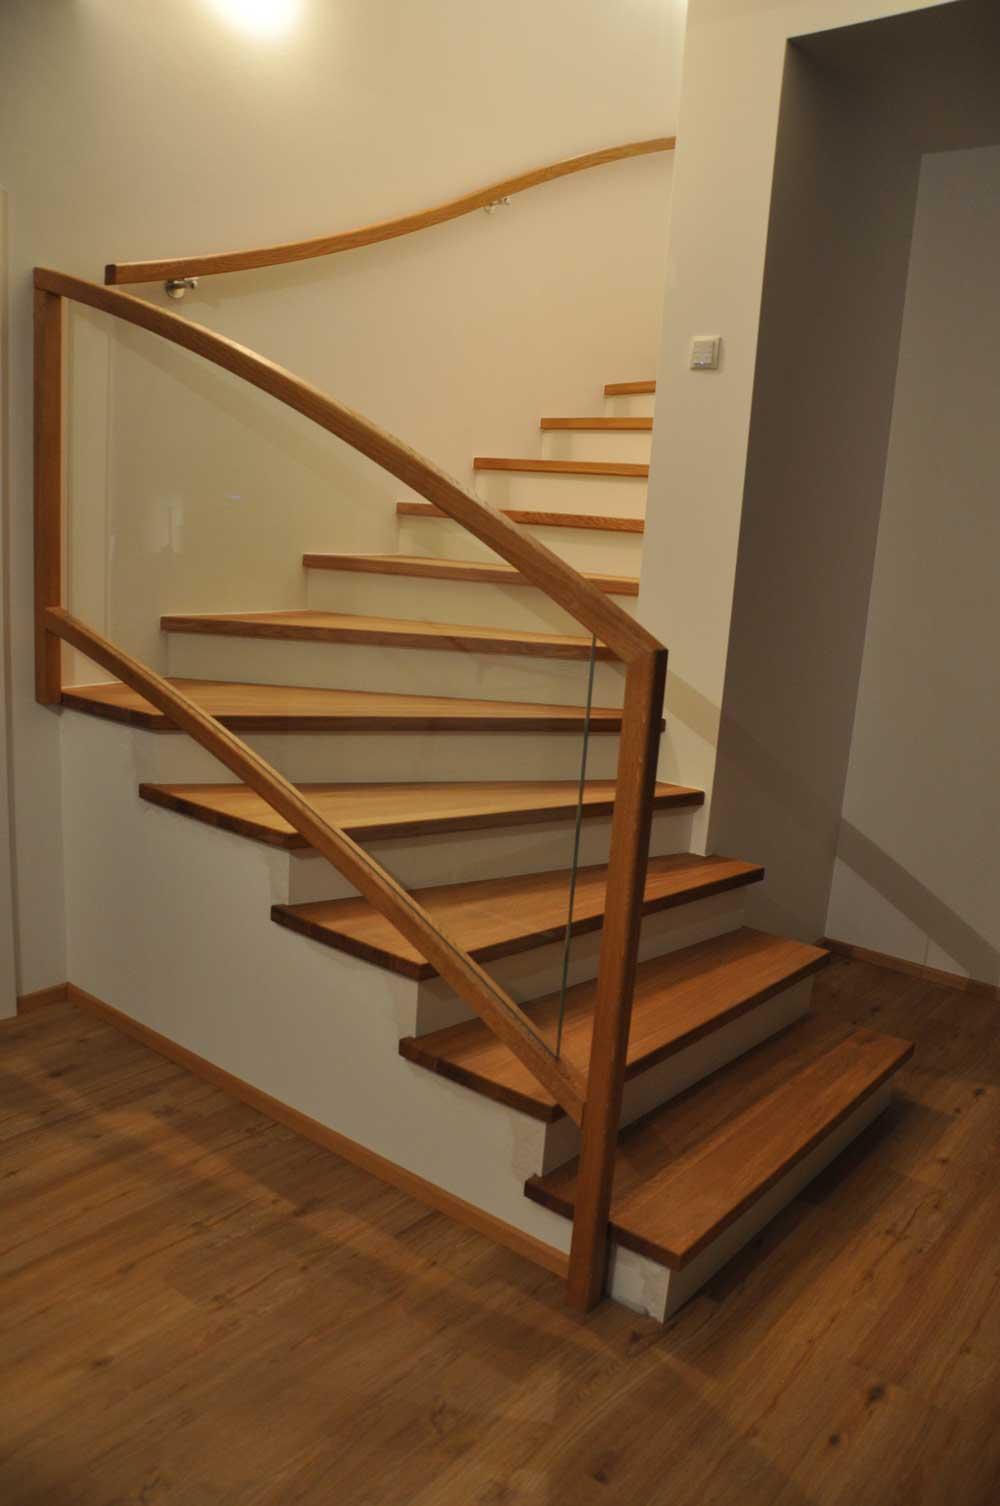 Tischlerei-Treppe-nach-Maß-5